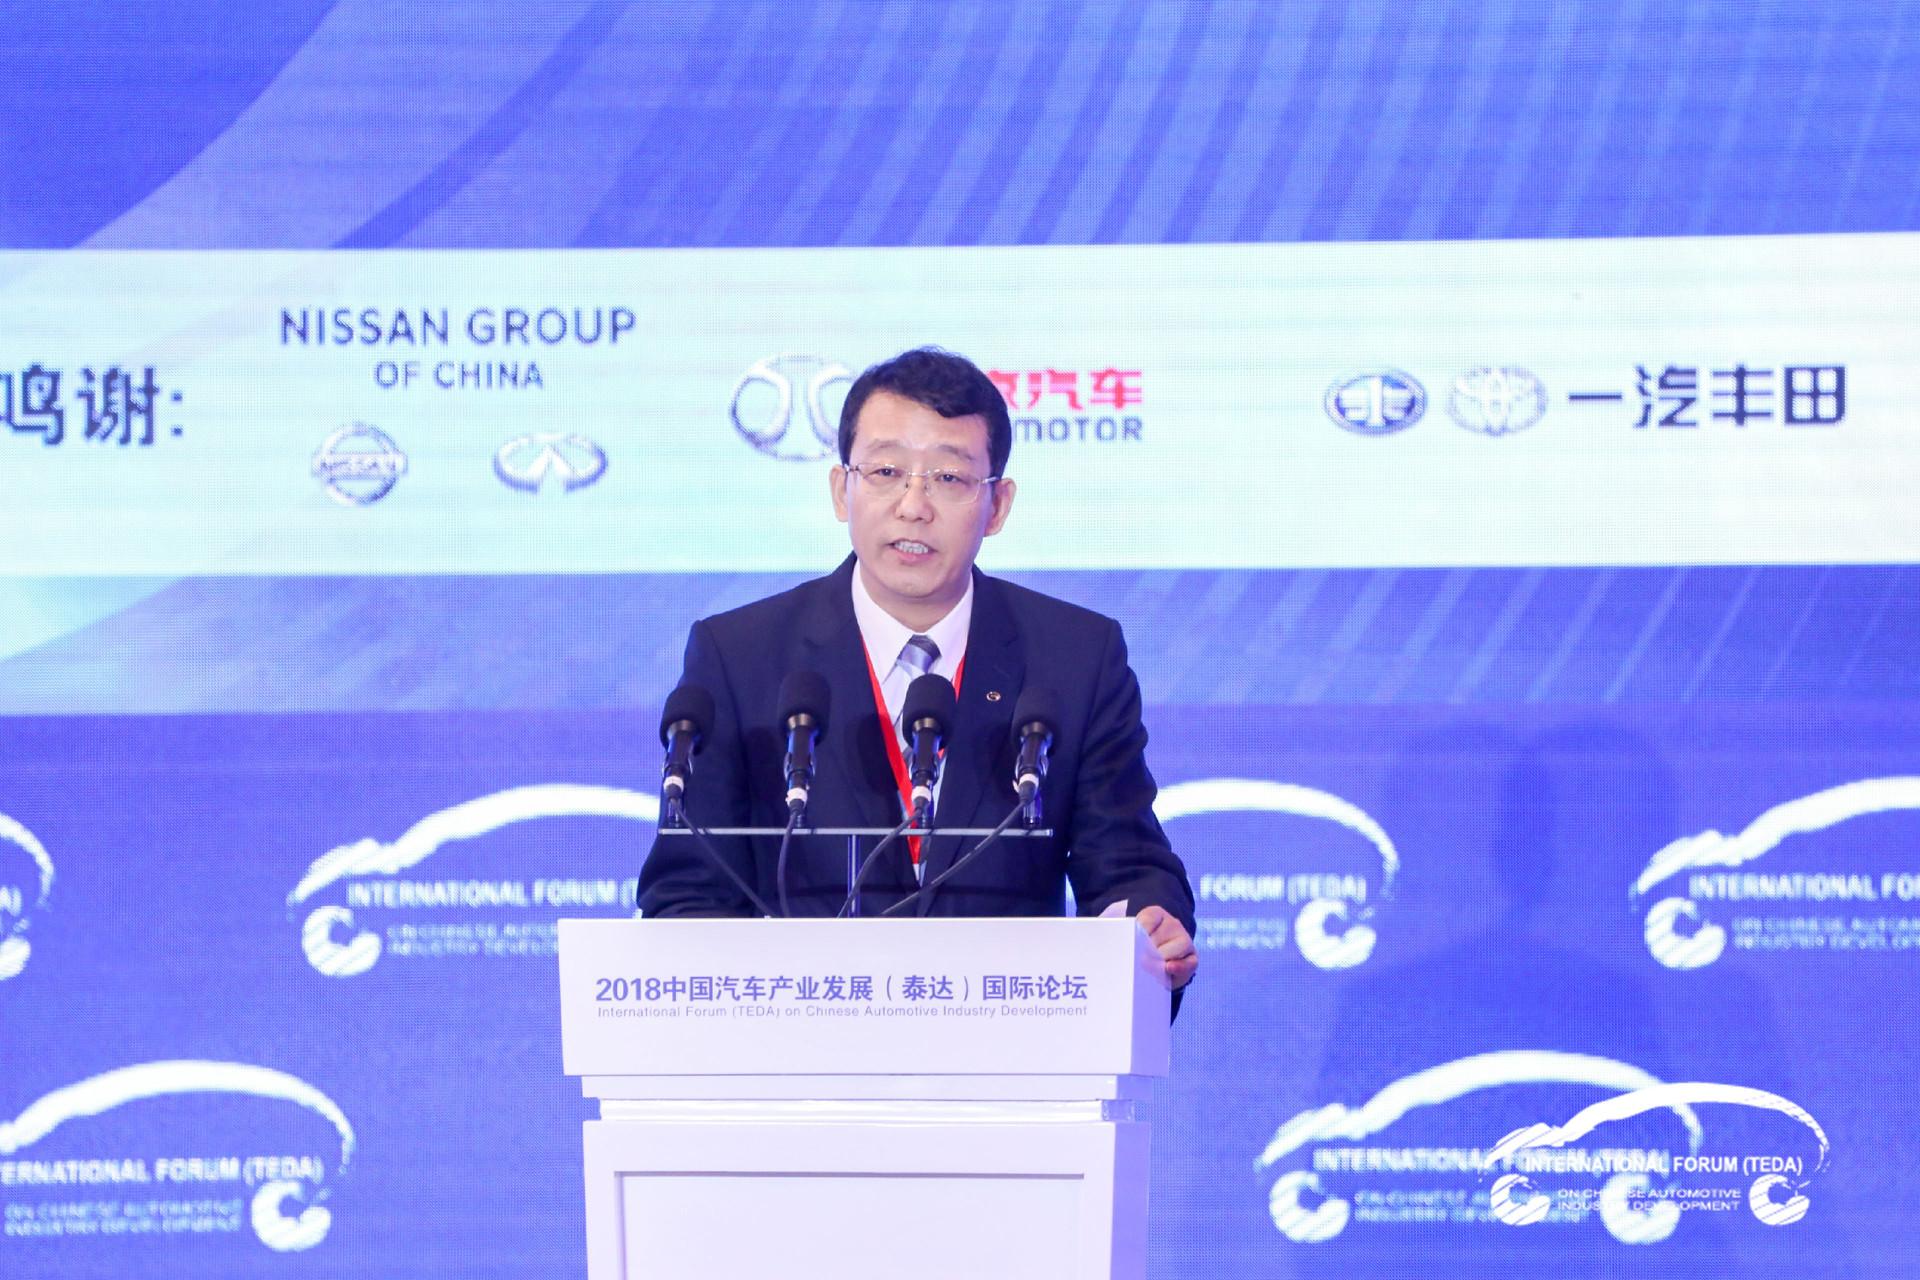 冯兴亚:转型已是大势所趋 广汽紧跟行业趋势谋高质量发展